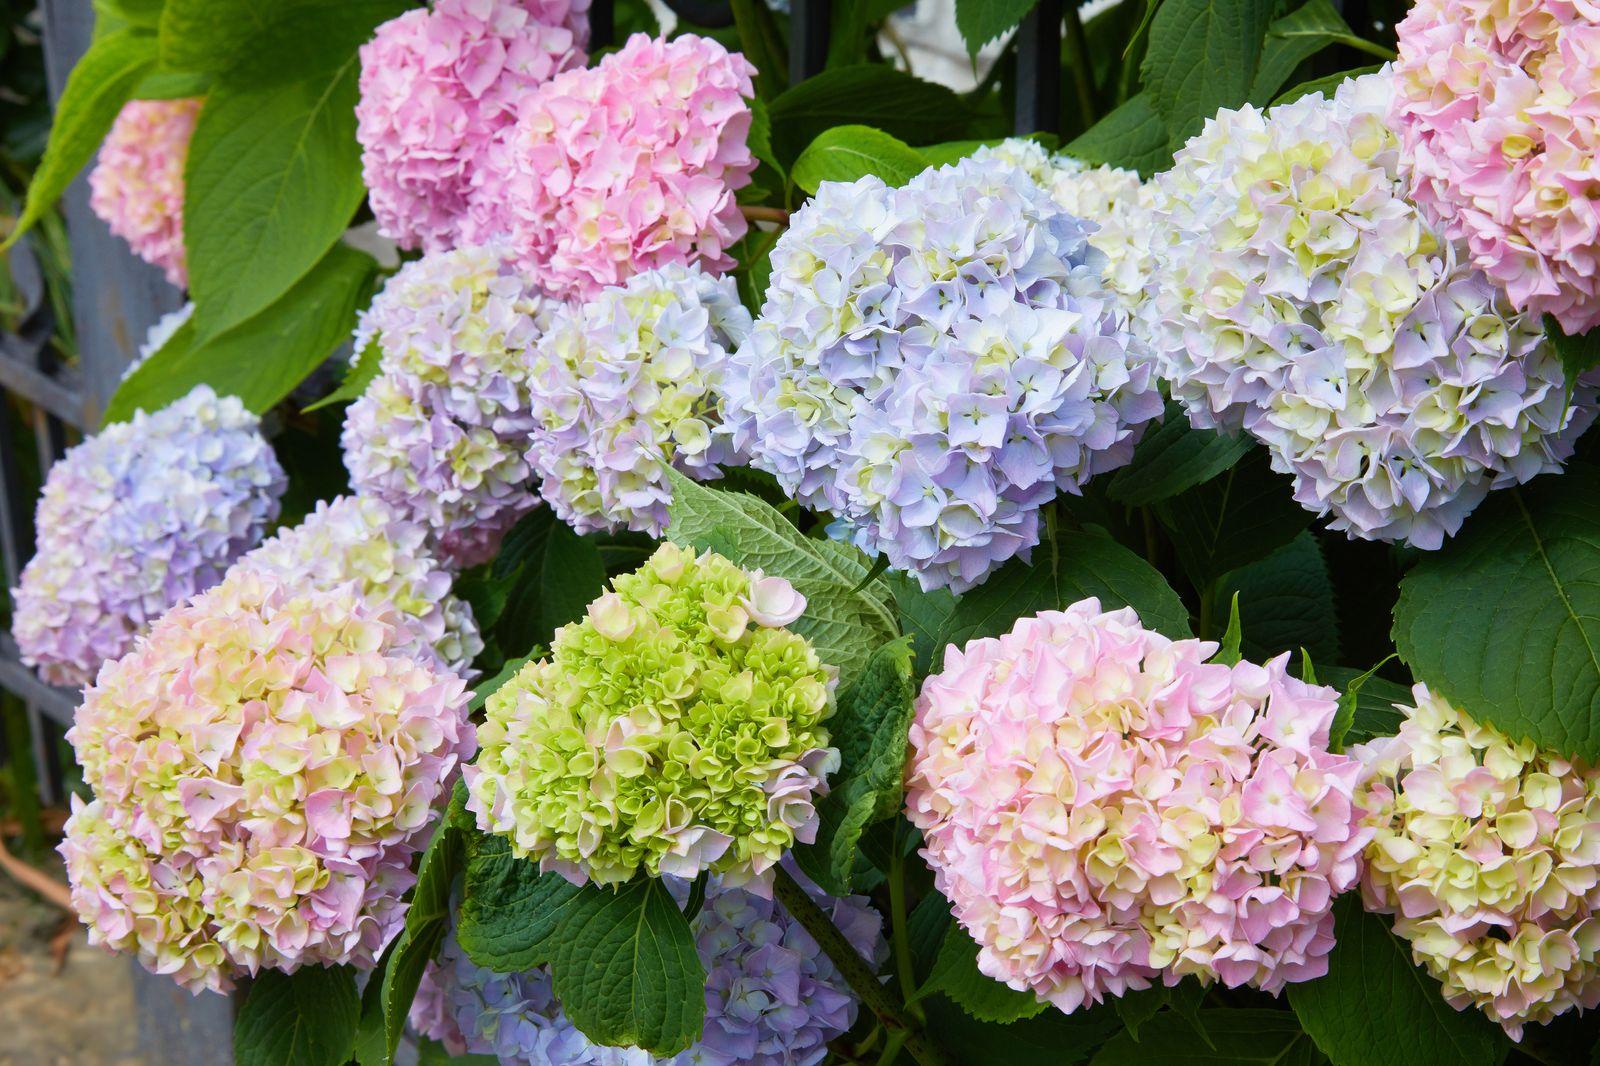 Hortensienarten: Die schönsten Hortensiensorten für prächtige Blüten